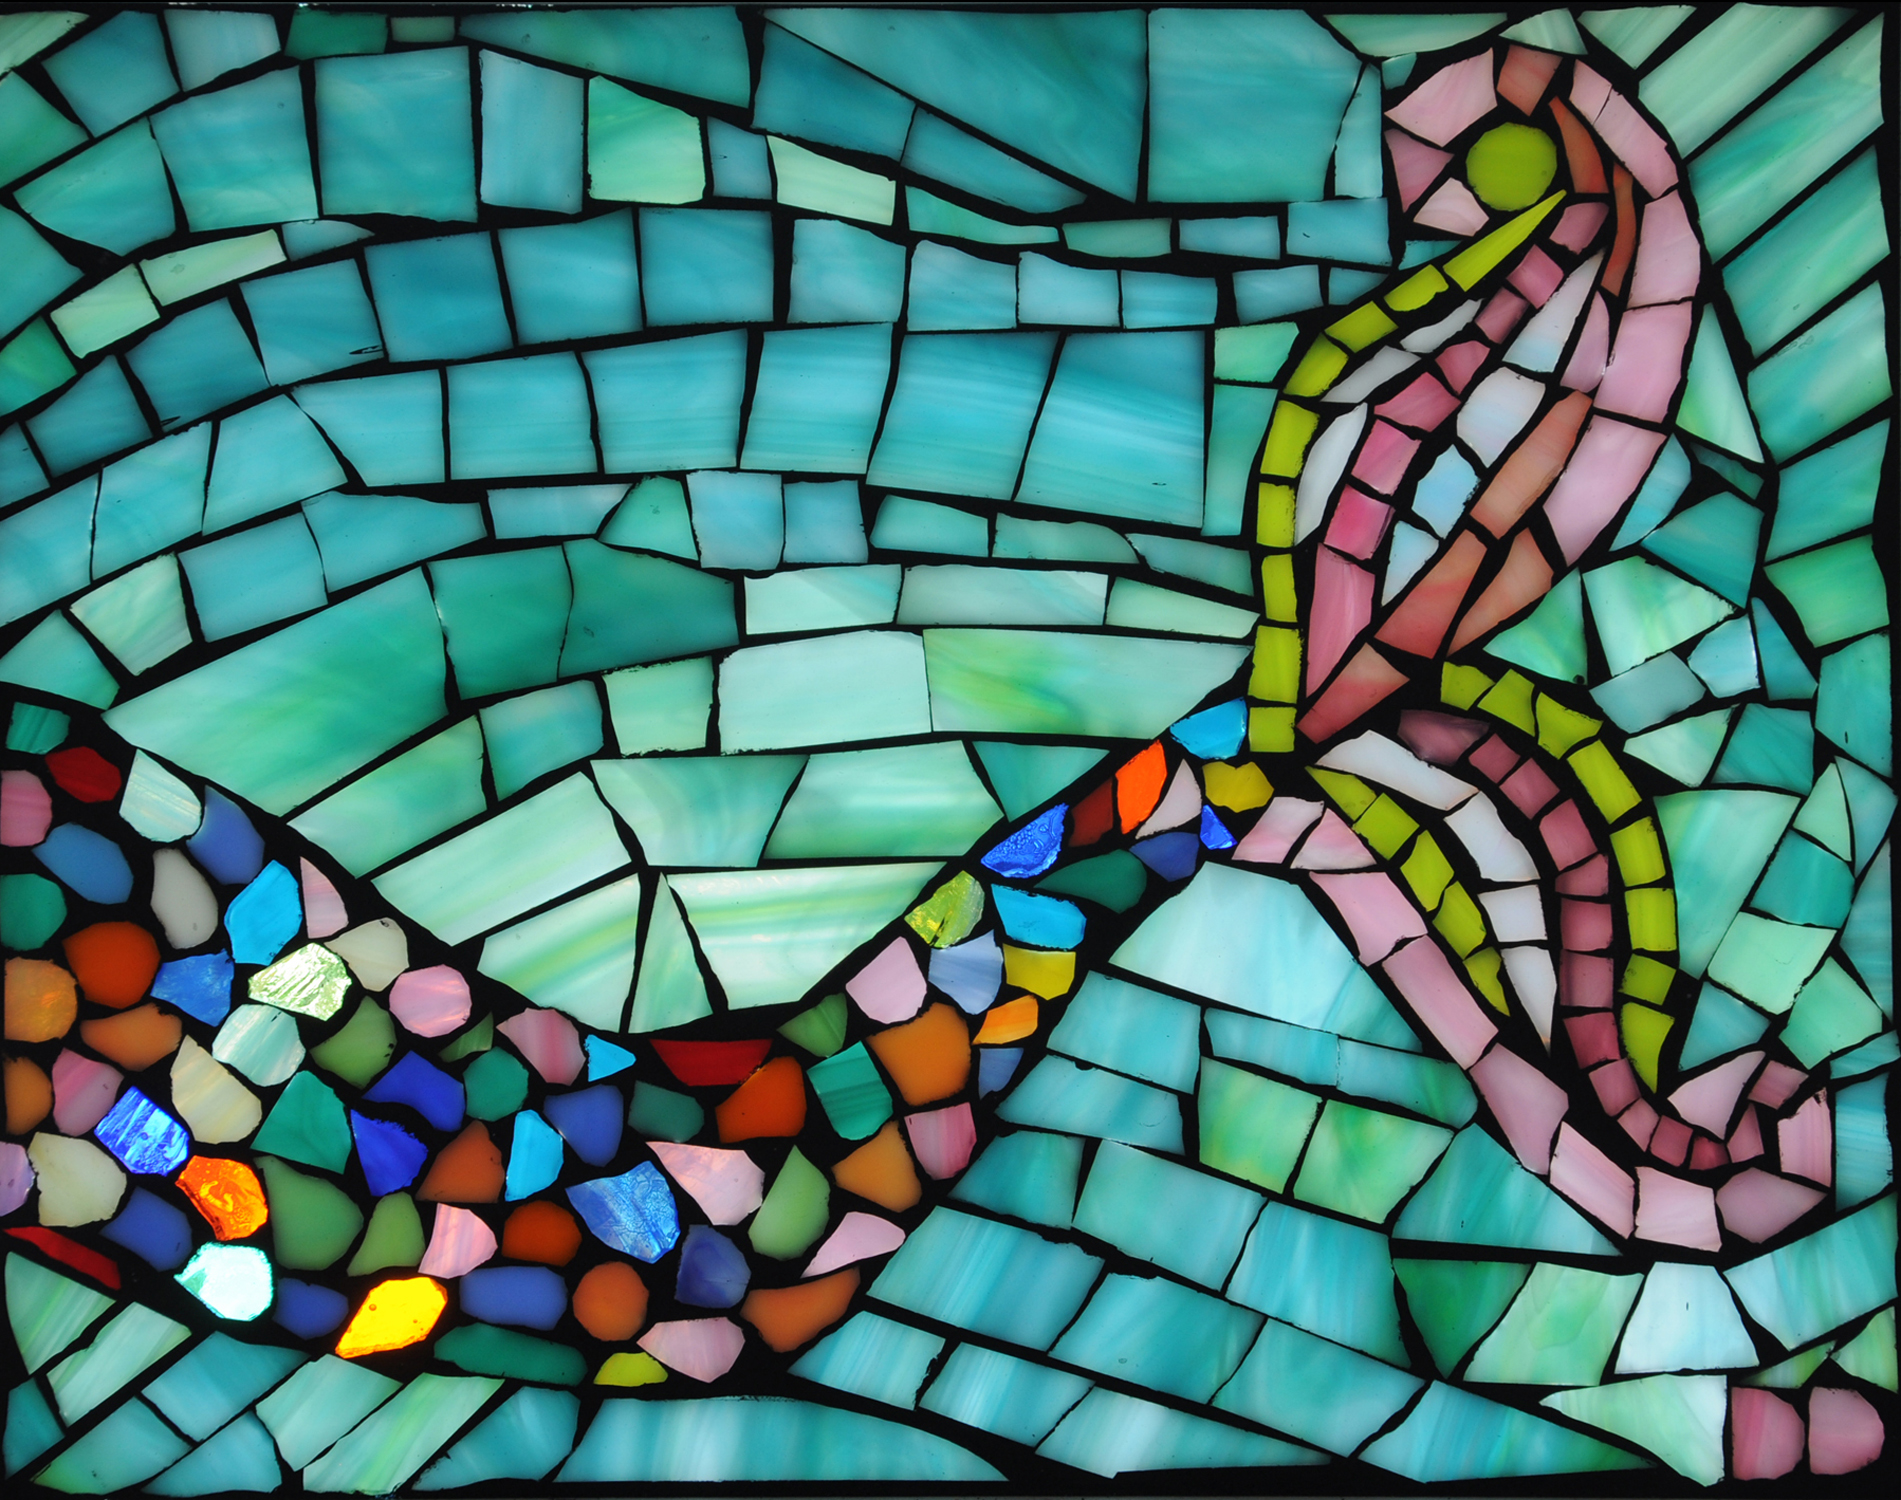 Mermaid's Tail